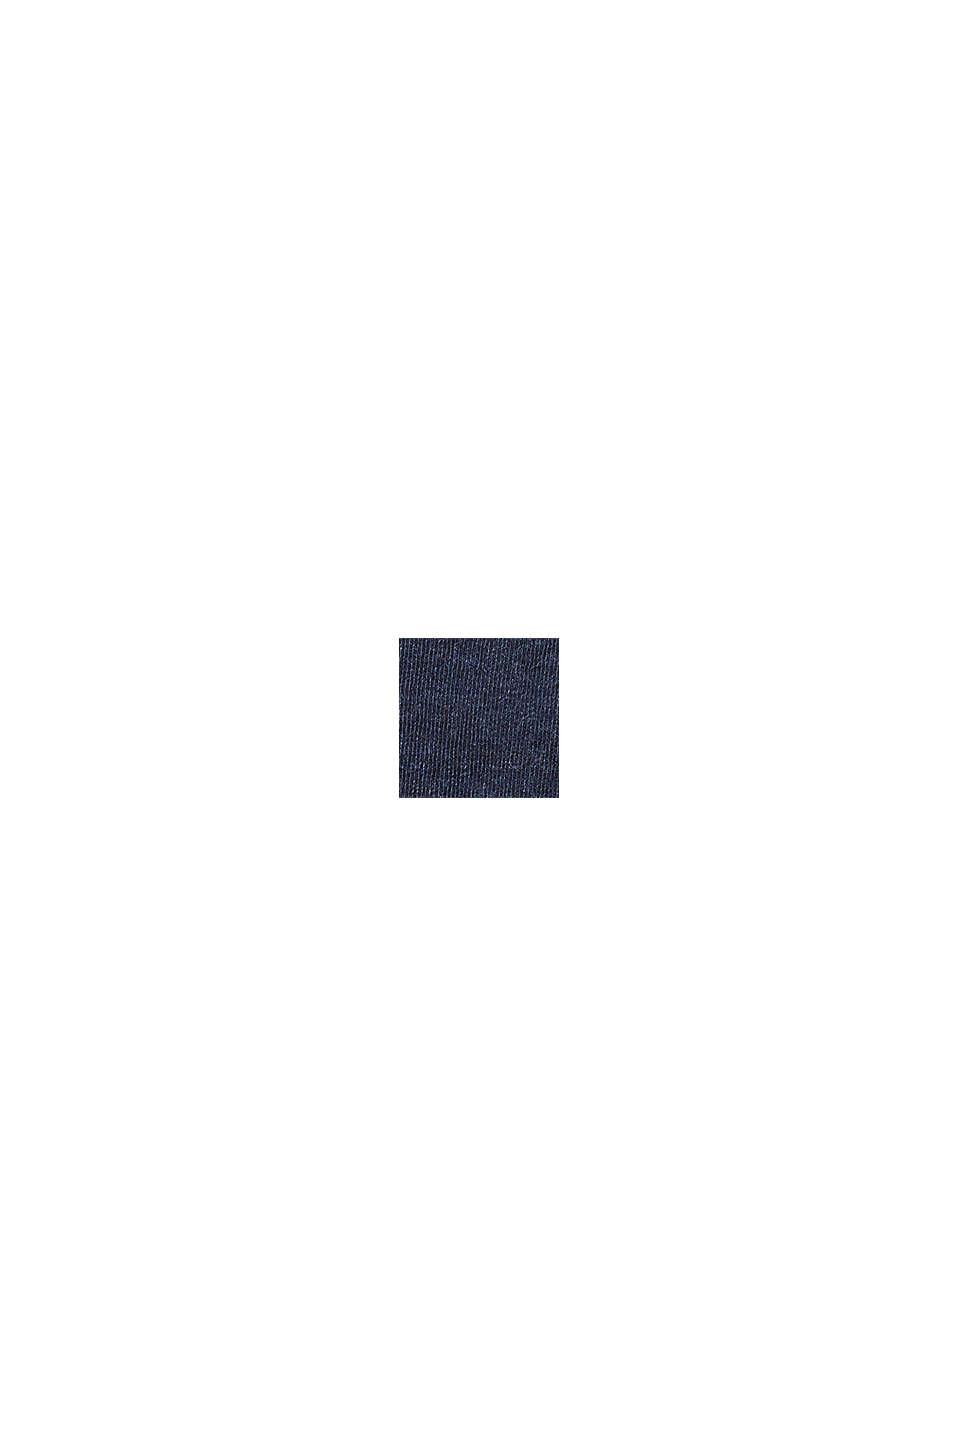 Knästrumpor i 2-pack med logo, PETROL BLUE, swatch